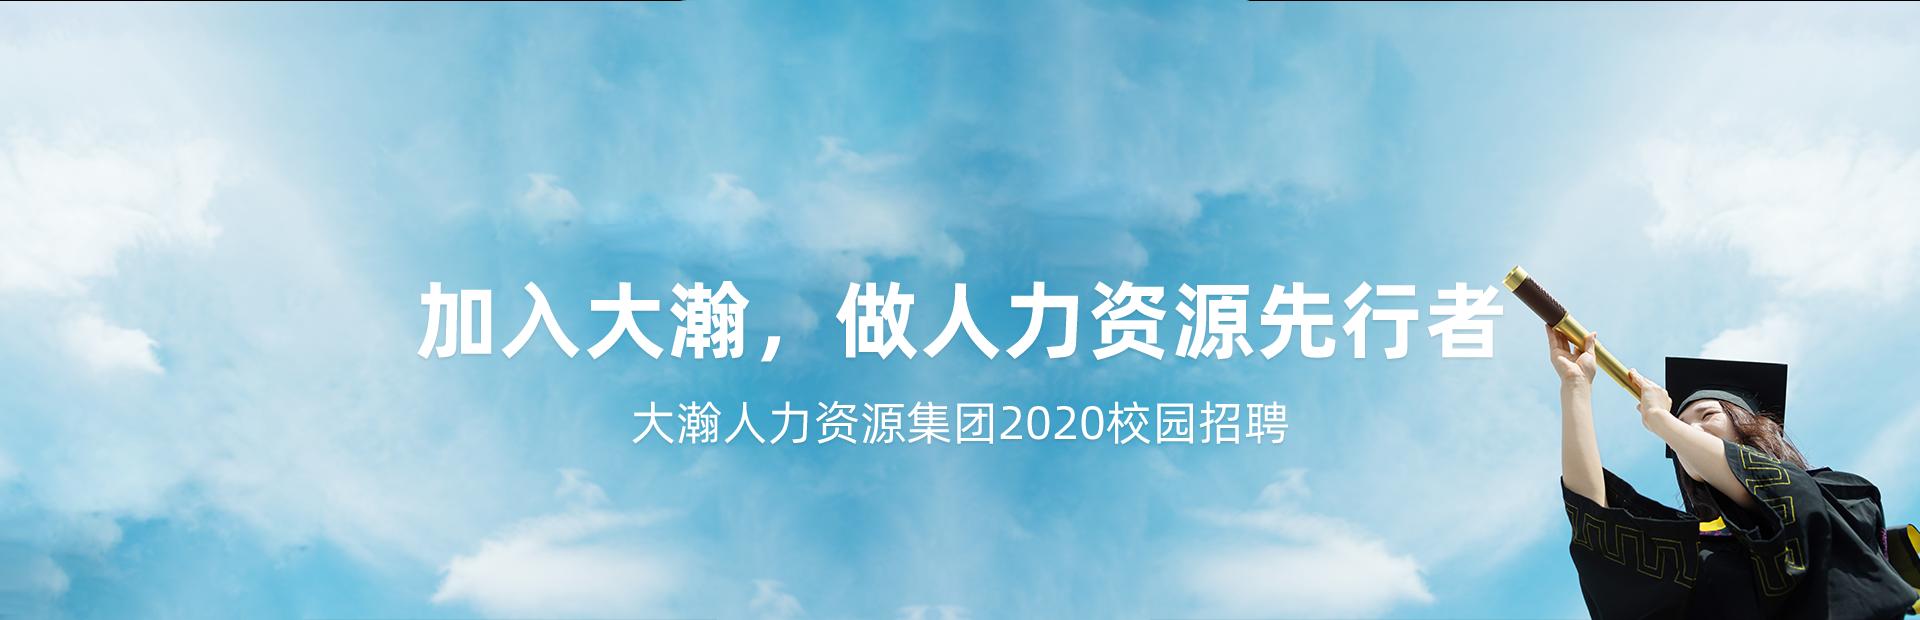 大瀚校招2020